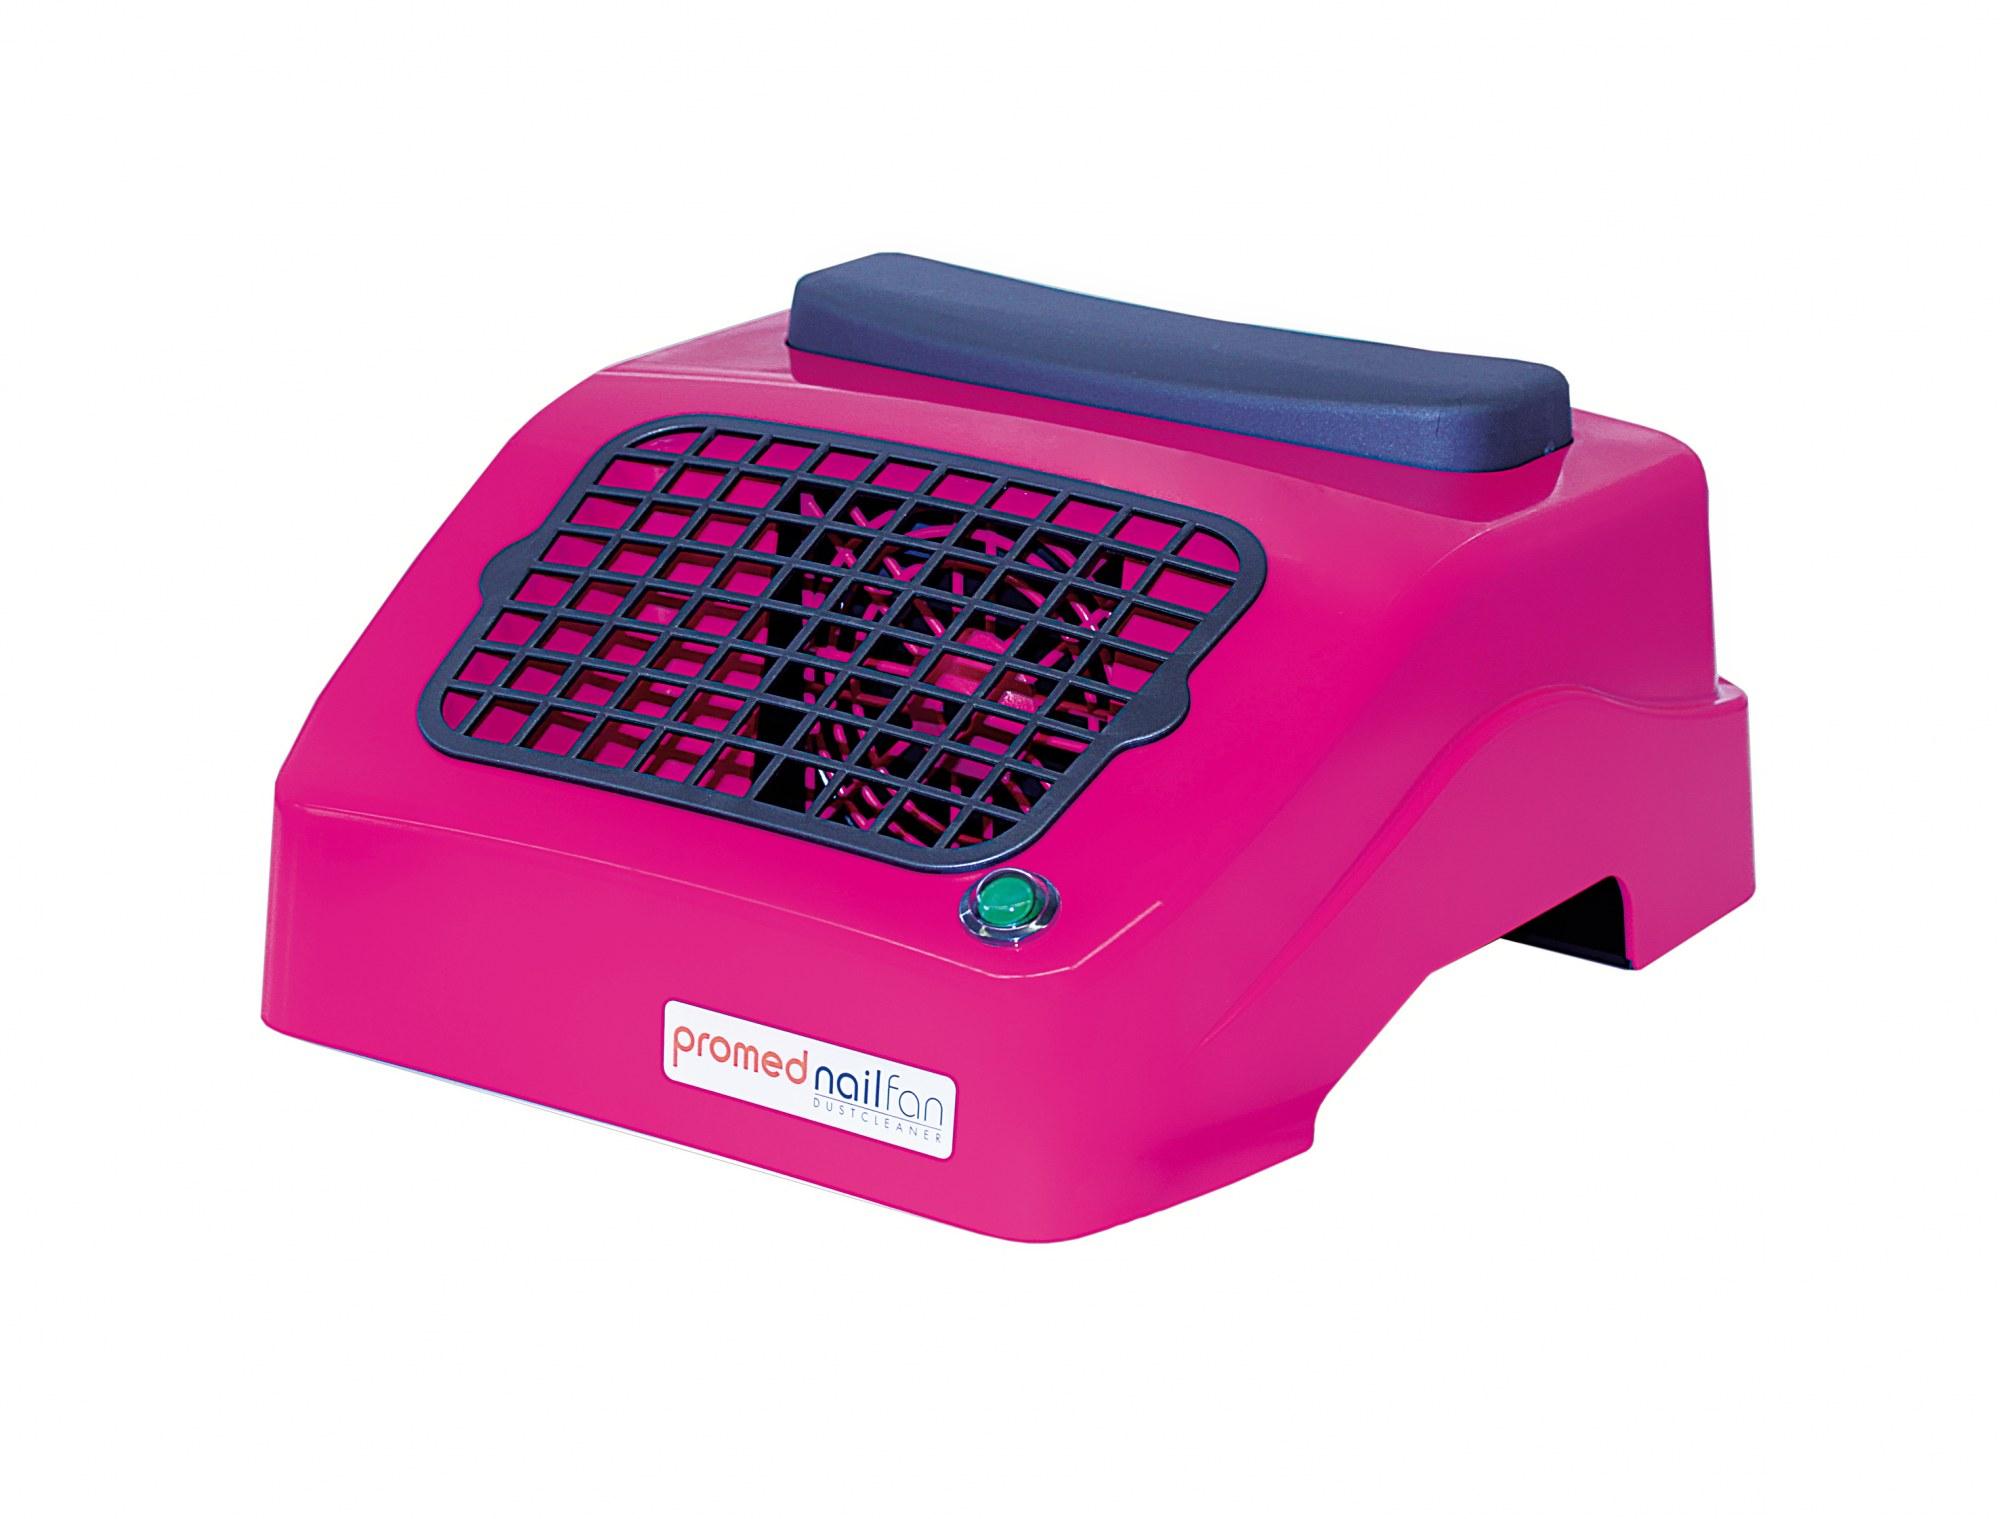 aspirateur promed nailfan pink designnailart. Black Bedroom Furniture Sets. Home Design Ideas